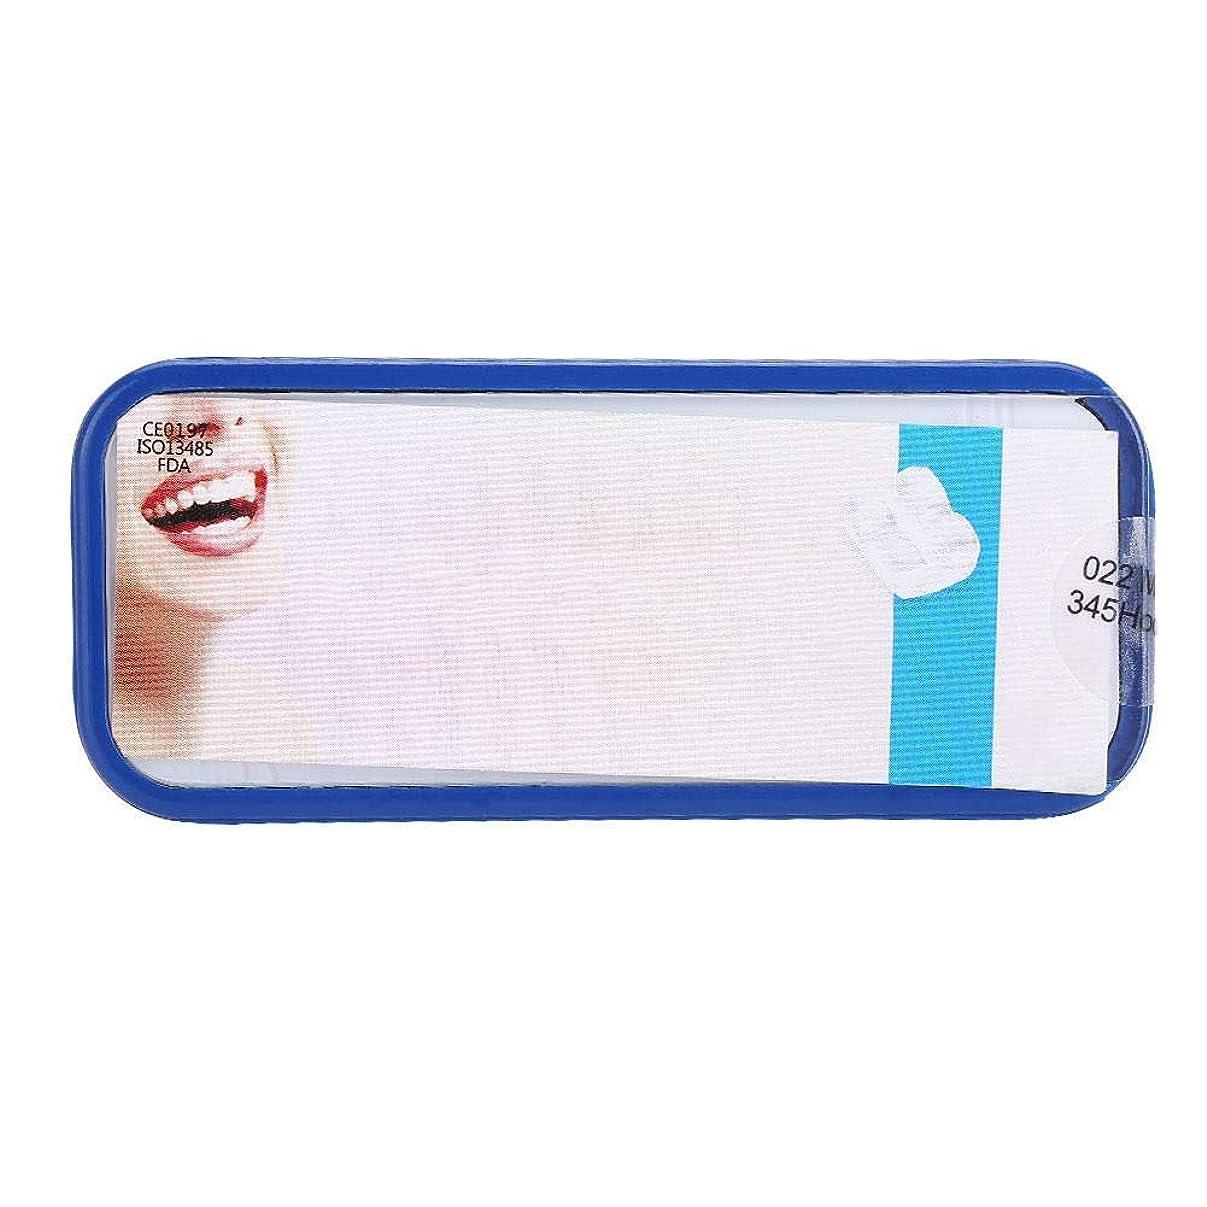 製作鉱夫割合Nitrip セラミックブラケット 歯科矯正ブラケット 歯科矯正装置 歯科矯正用 022MBT 345Hooks